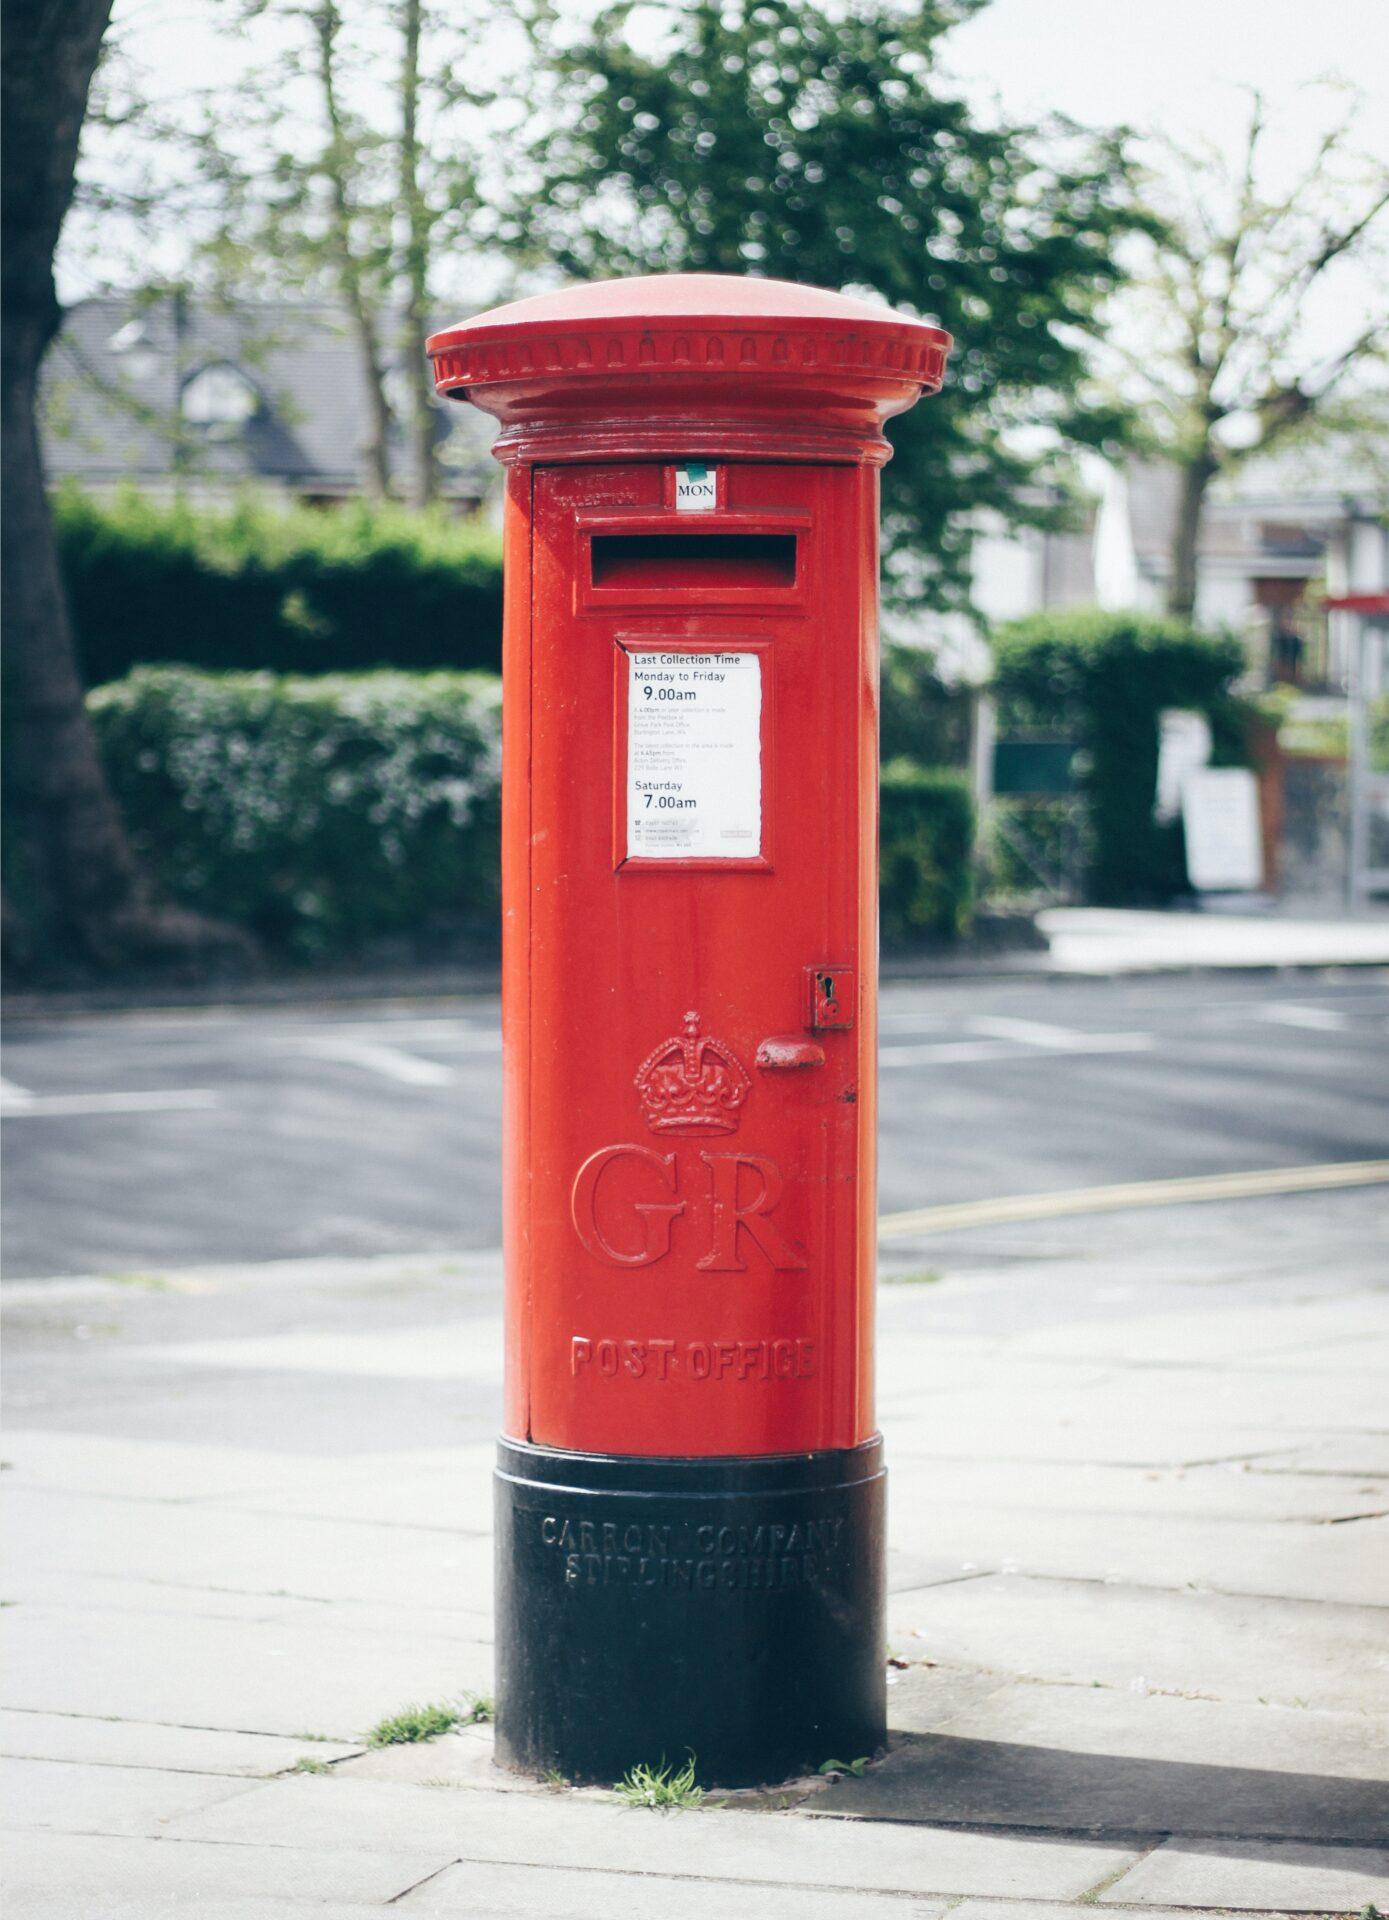 差出人不明郵便が来たときの心構えとは?